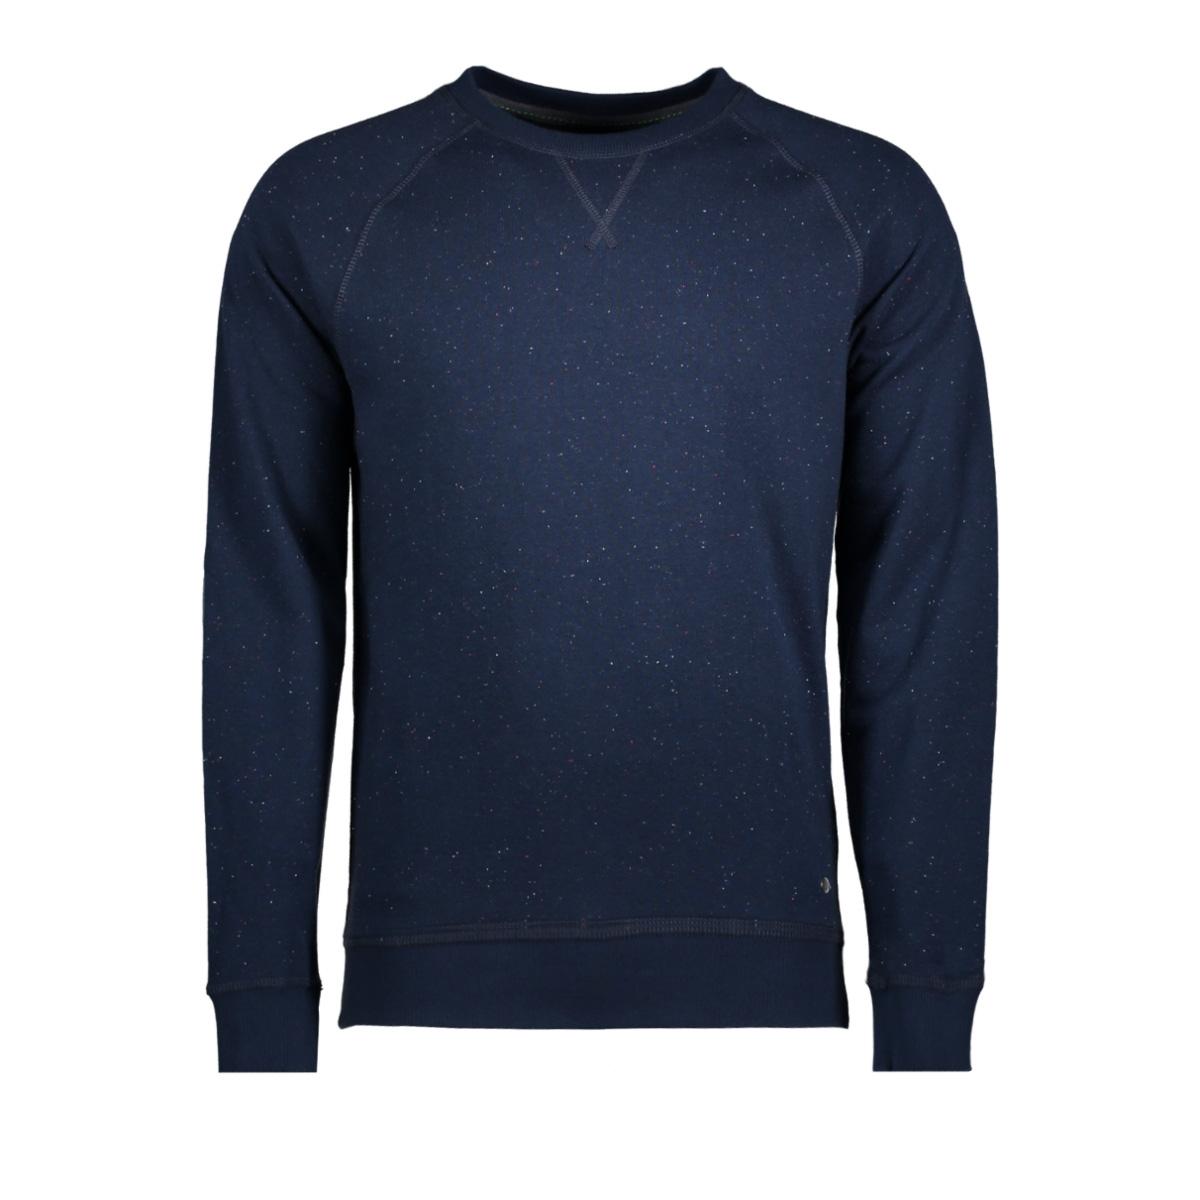 107ee2j001 esprit sweater e405